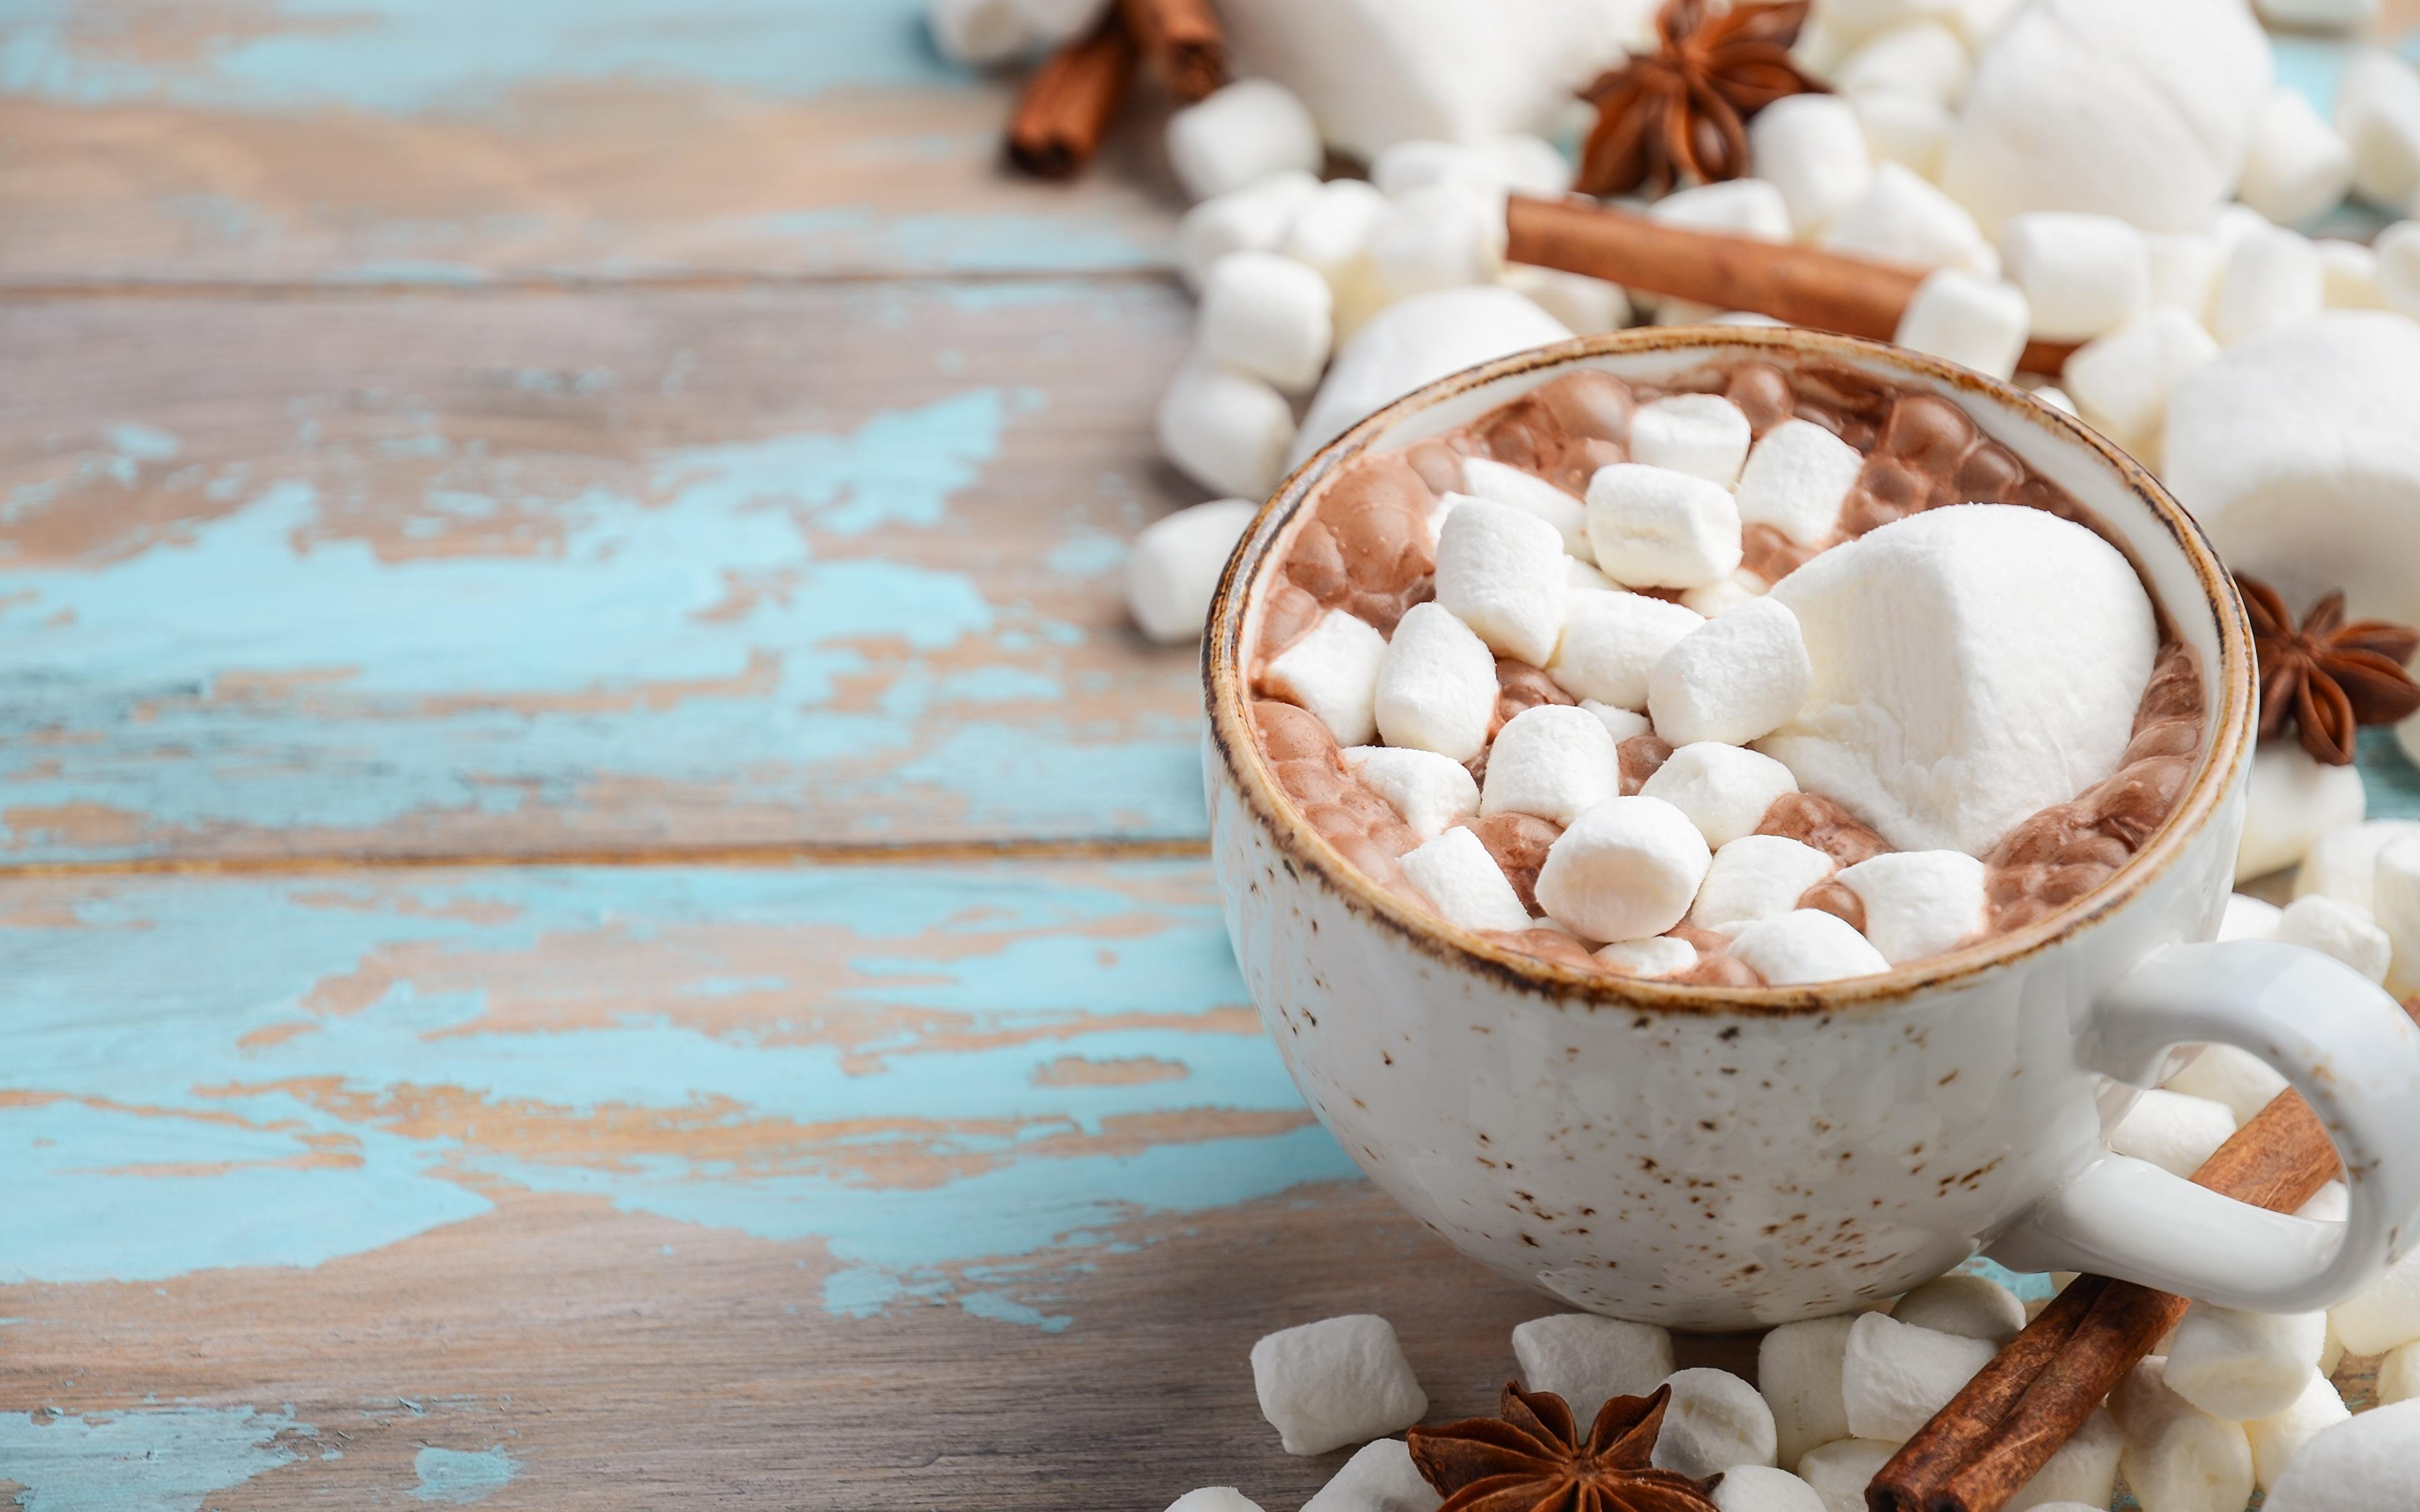 Картинки Маршмэллоу Горячий шоколад Еда кружки 3840x2400 зефирки Какао напиток Пища Кружка кружке Продукты питания